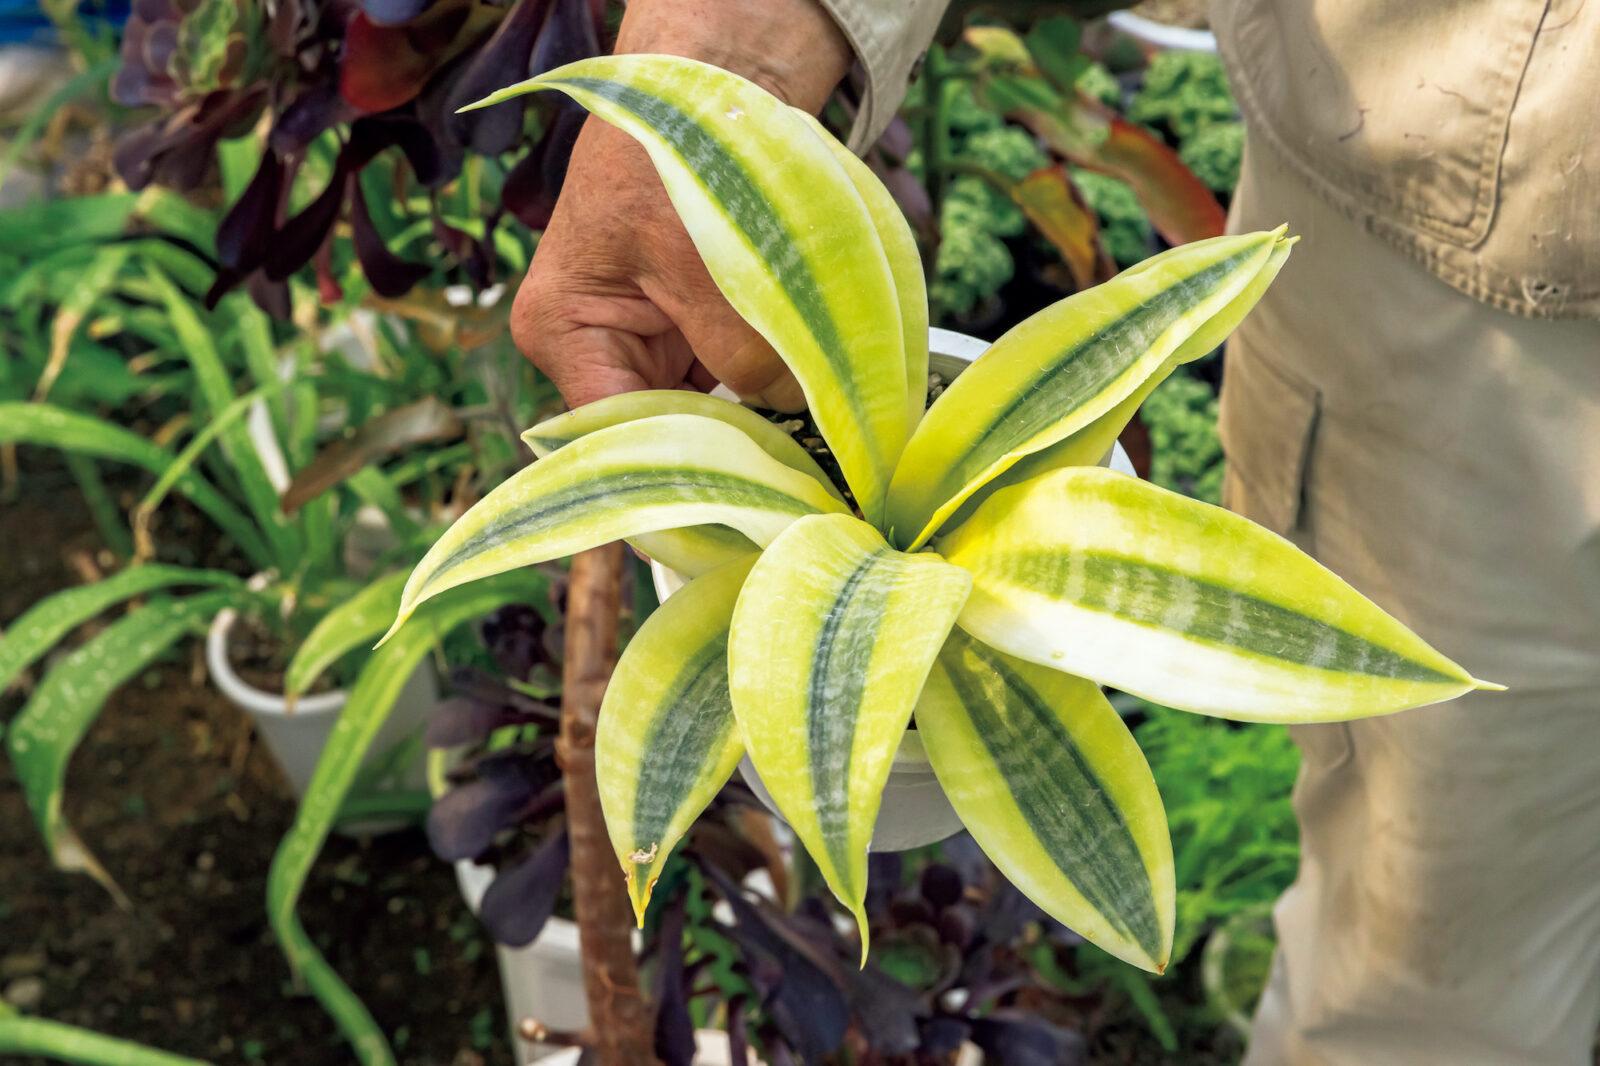 Sansevieria trifasciata 'Futura Gold'/サンセベリア トリファスキアタ 'フツラゴールド'珍しいもんでも、うちにはあるのがフツ〜ラ。サンセベリア属のトリファスキアタ種には、ローレンティ種、フツラ種、ハーニー種の3タイプが存在。そのフツラ種の銘品'フツラゴールド'がこれ……、こんな素晴らしいのはめったにないのだが、自社では、あるのが、フツ〰〰ラ……。